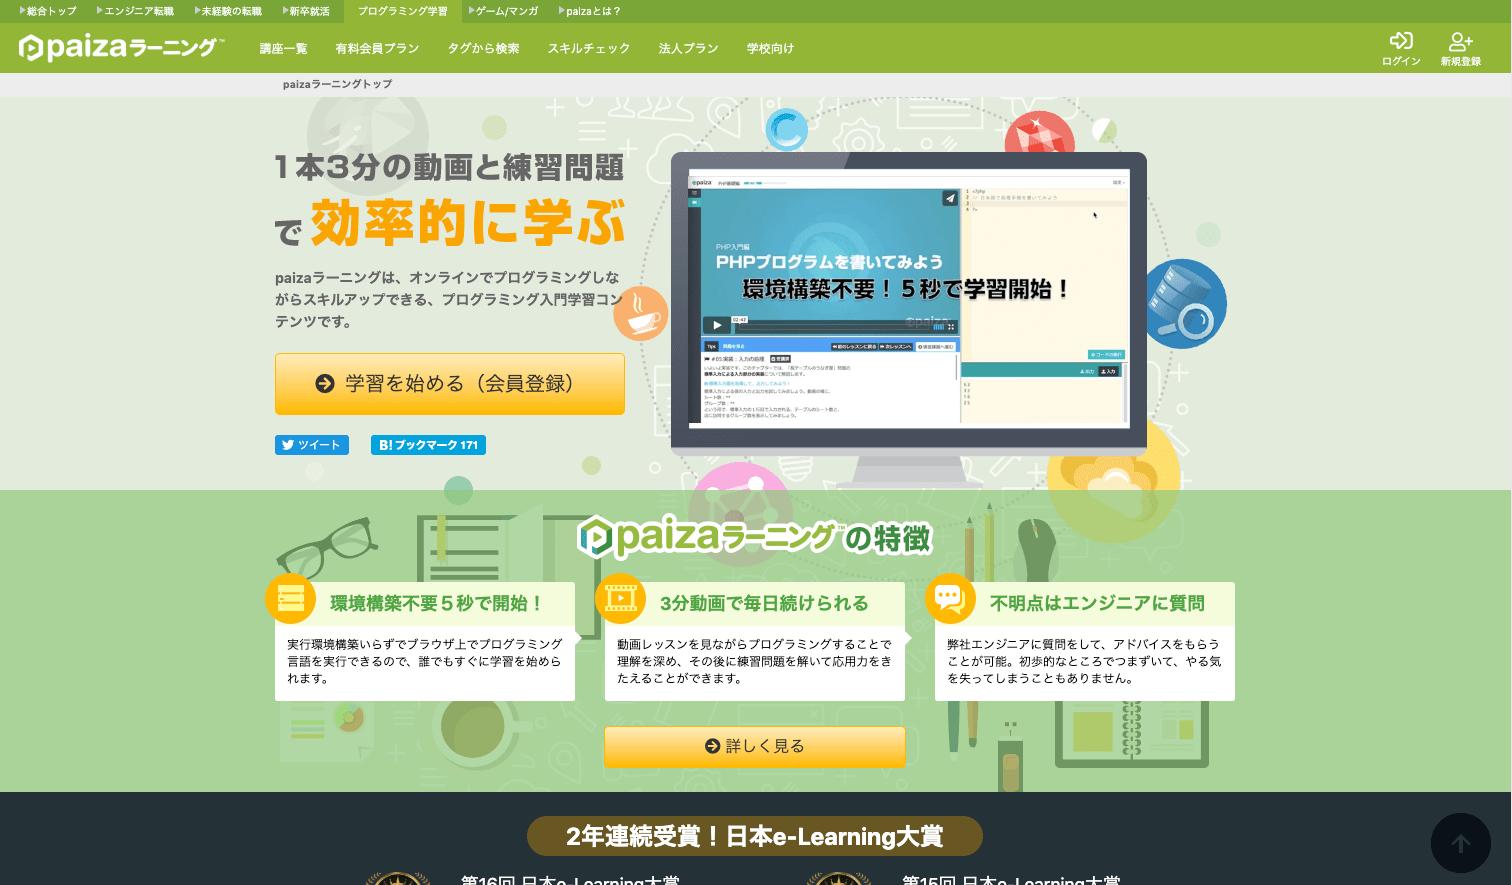 スクリーンショット 2020-02-07 16.35.51.png